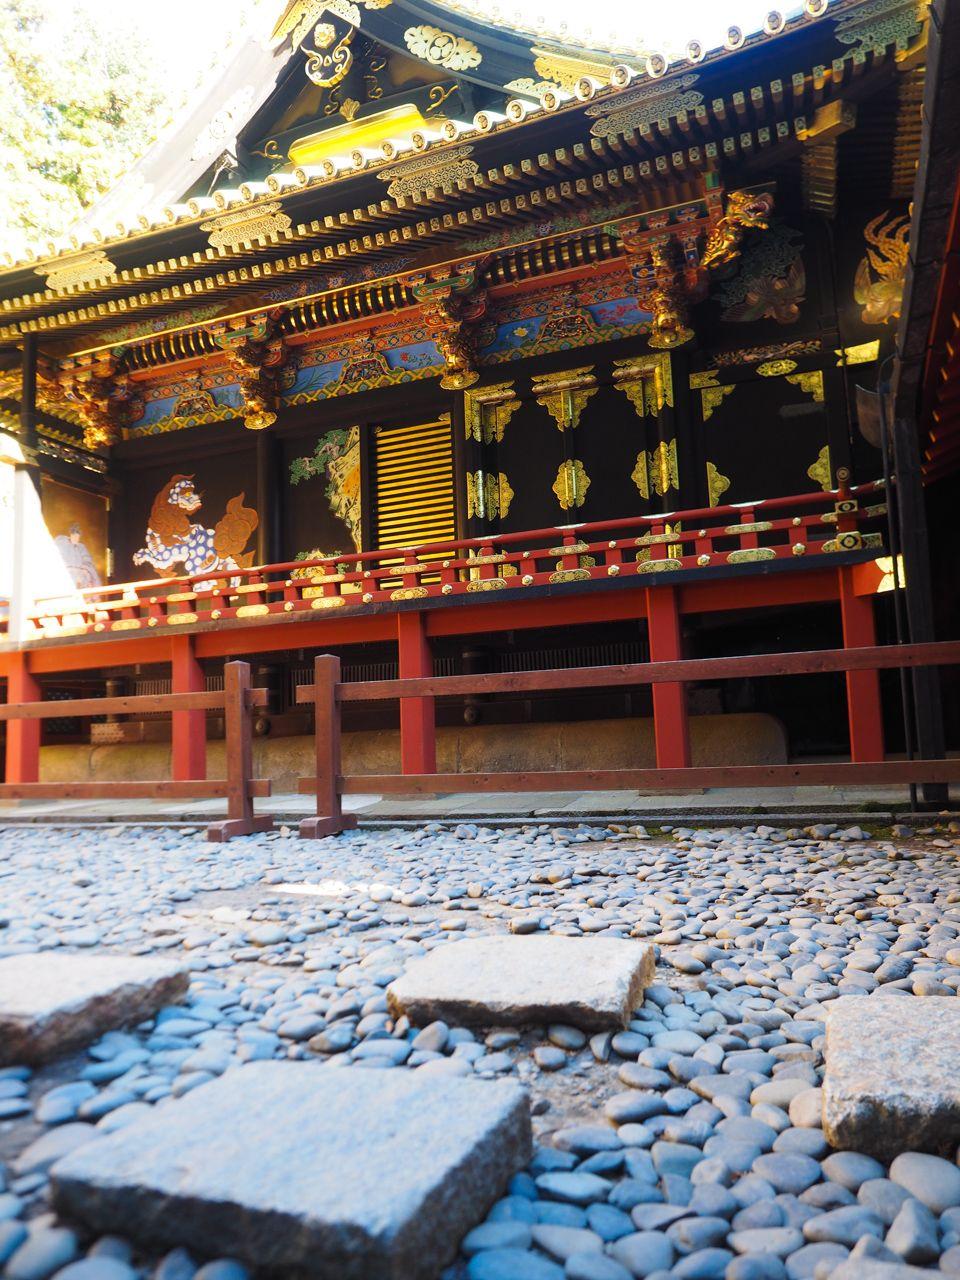 「久能山東照宮」は武田信玄公のお城だった!?